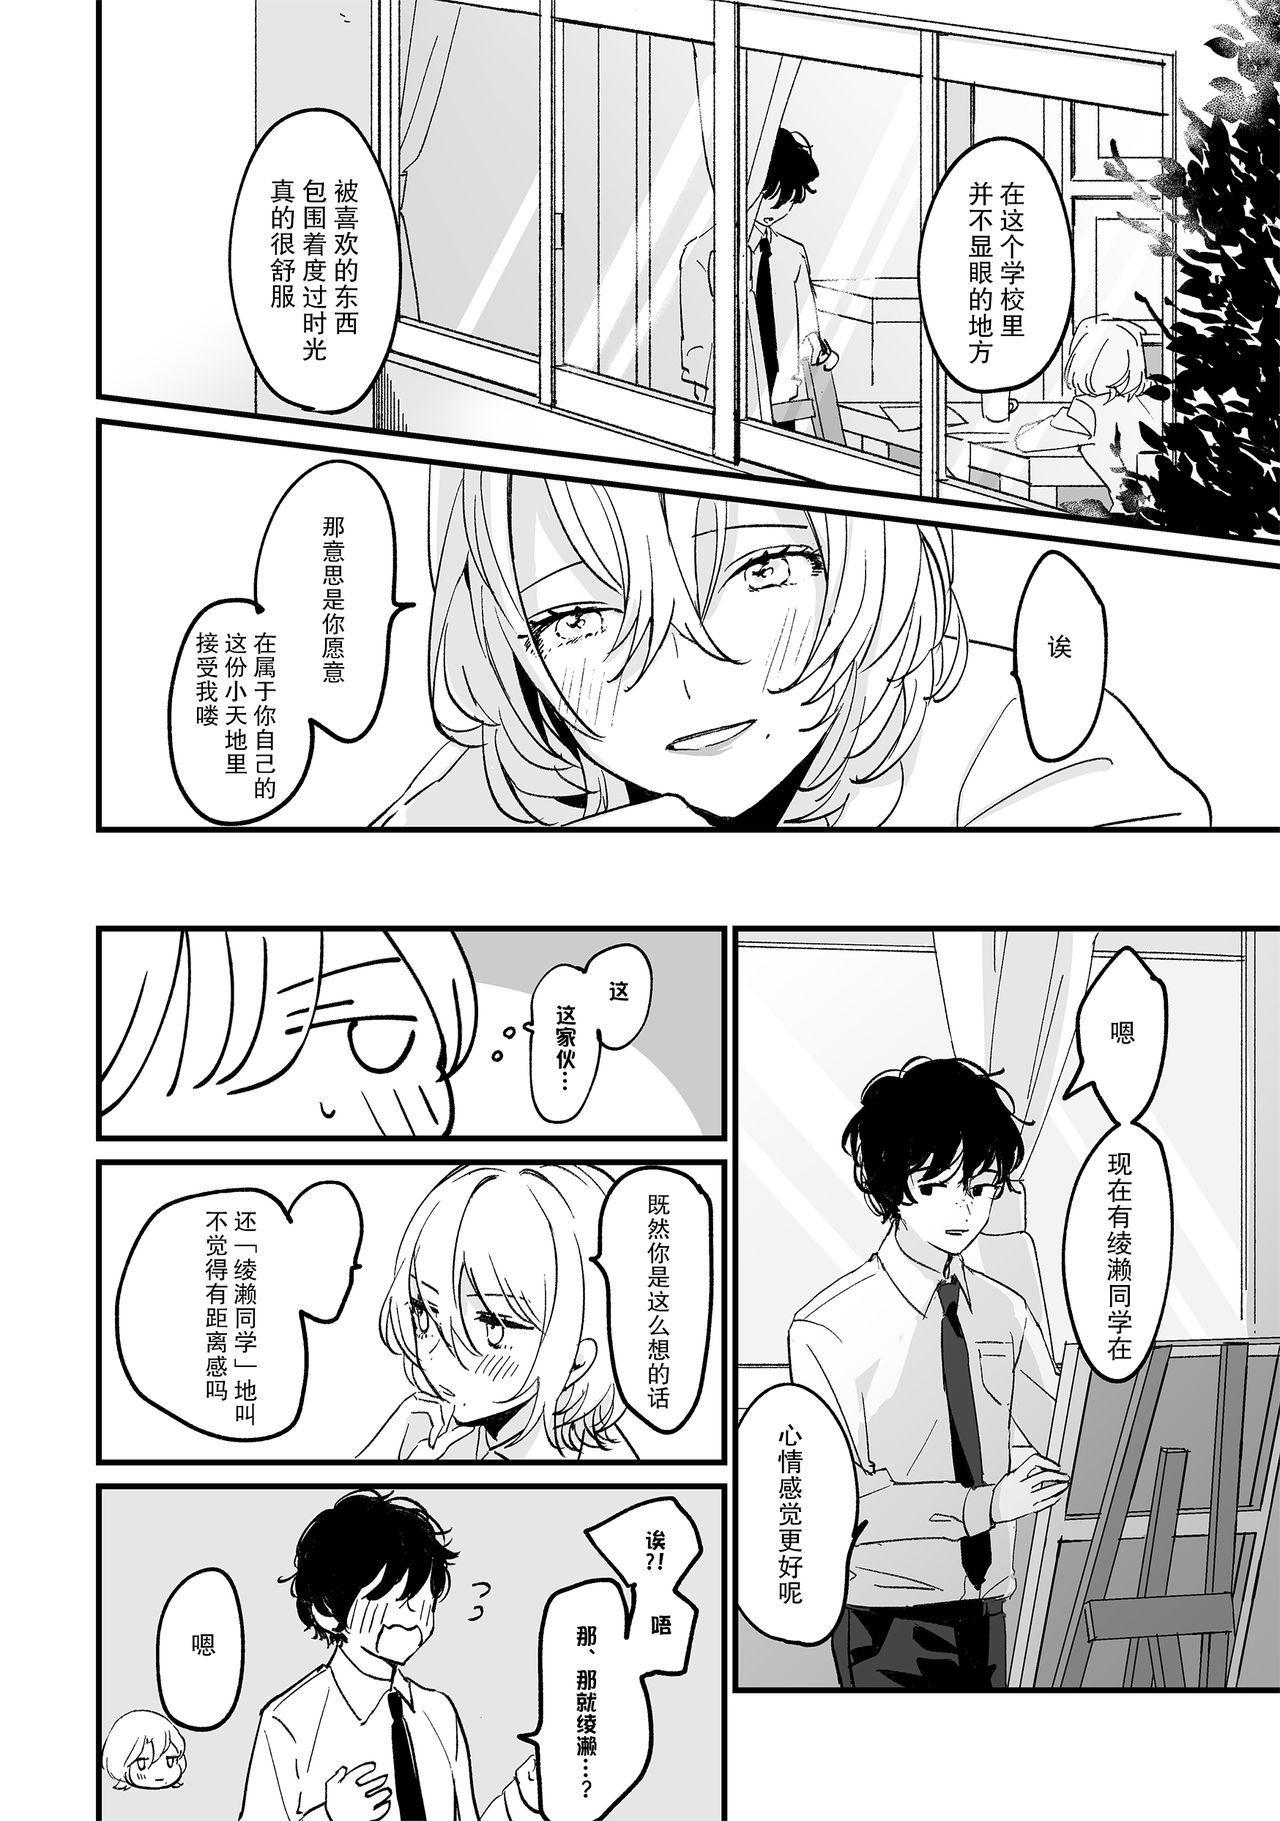 Houkago Sketch 10